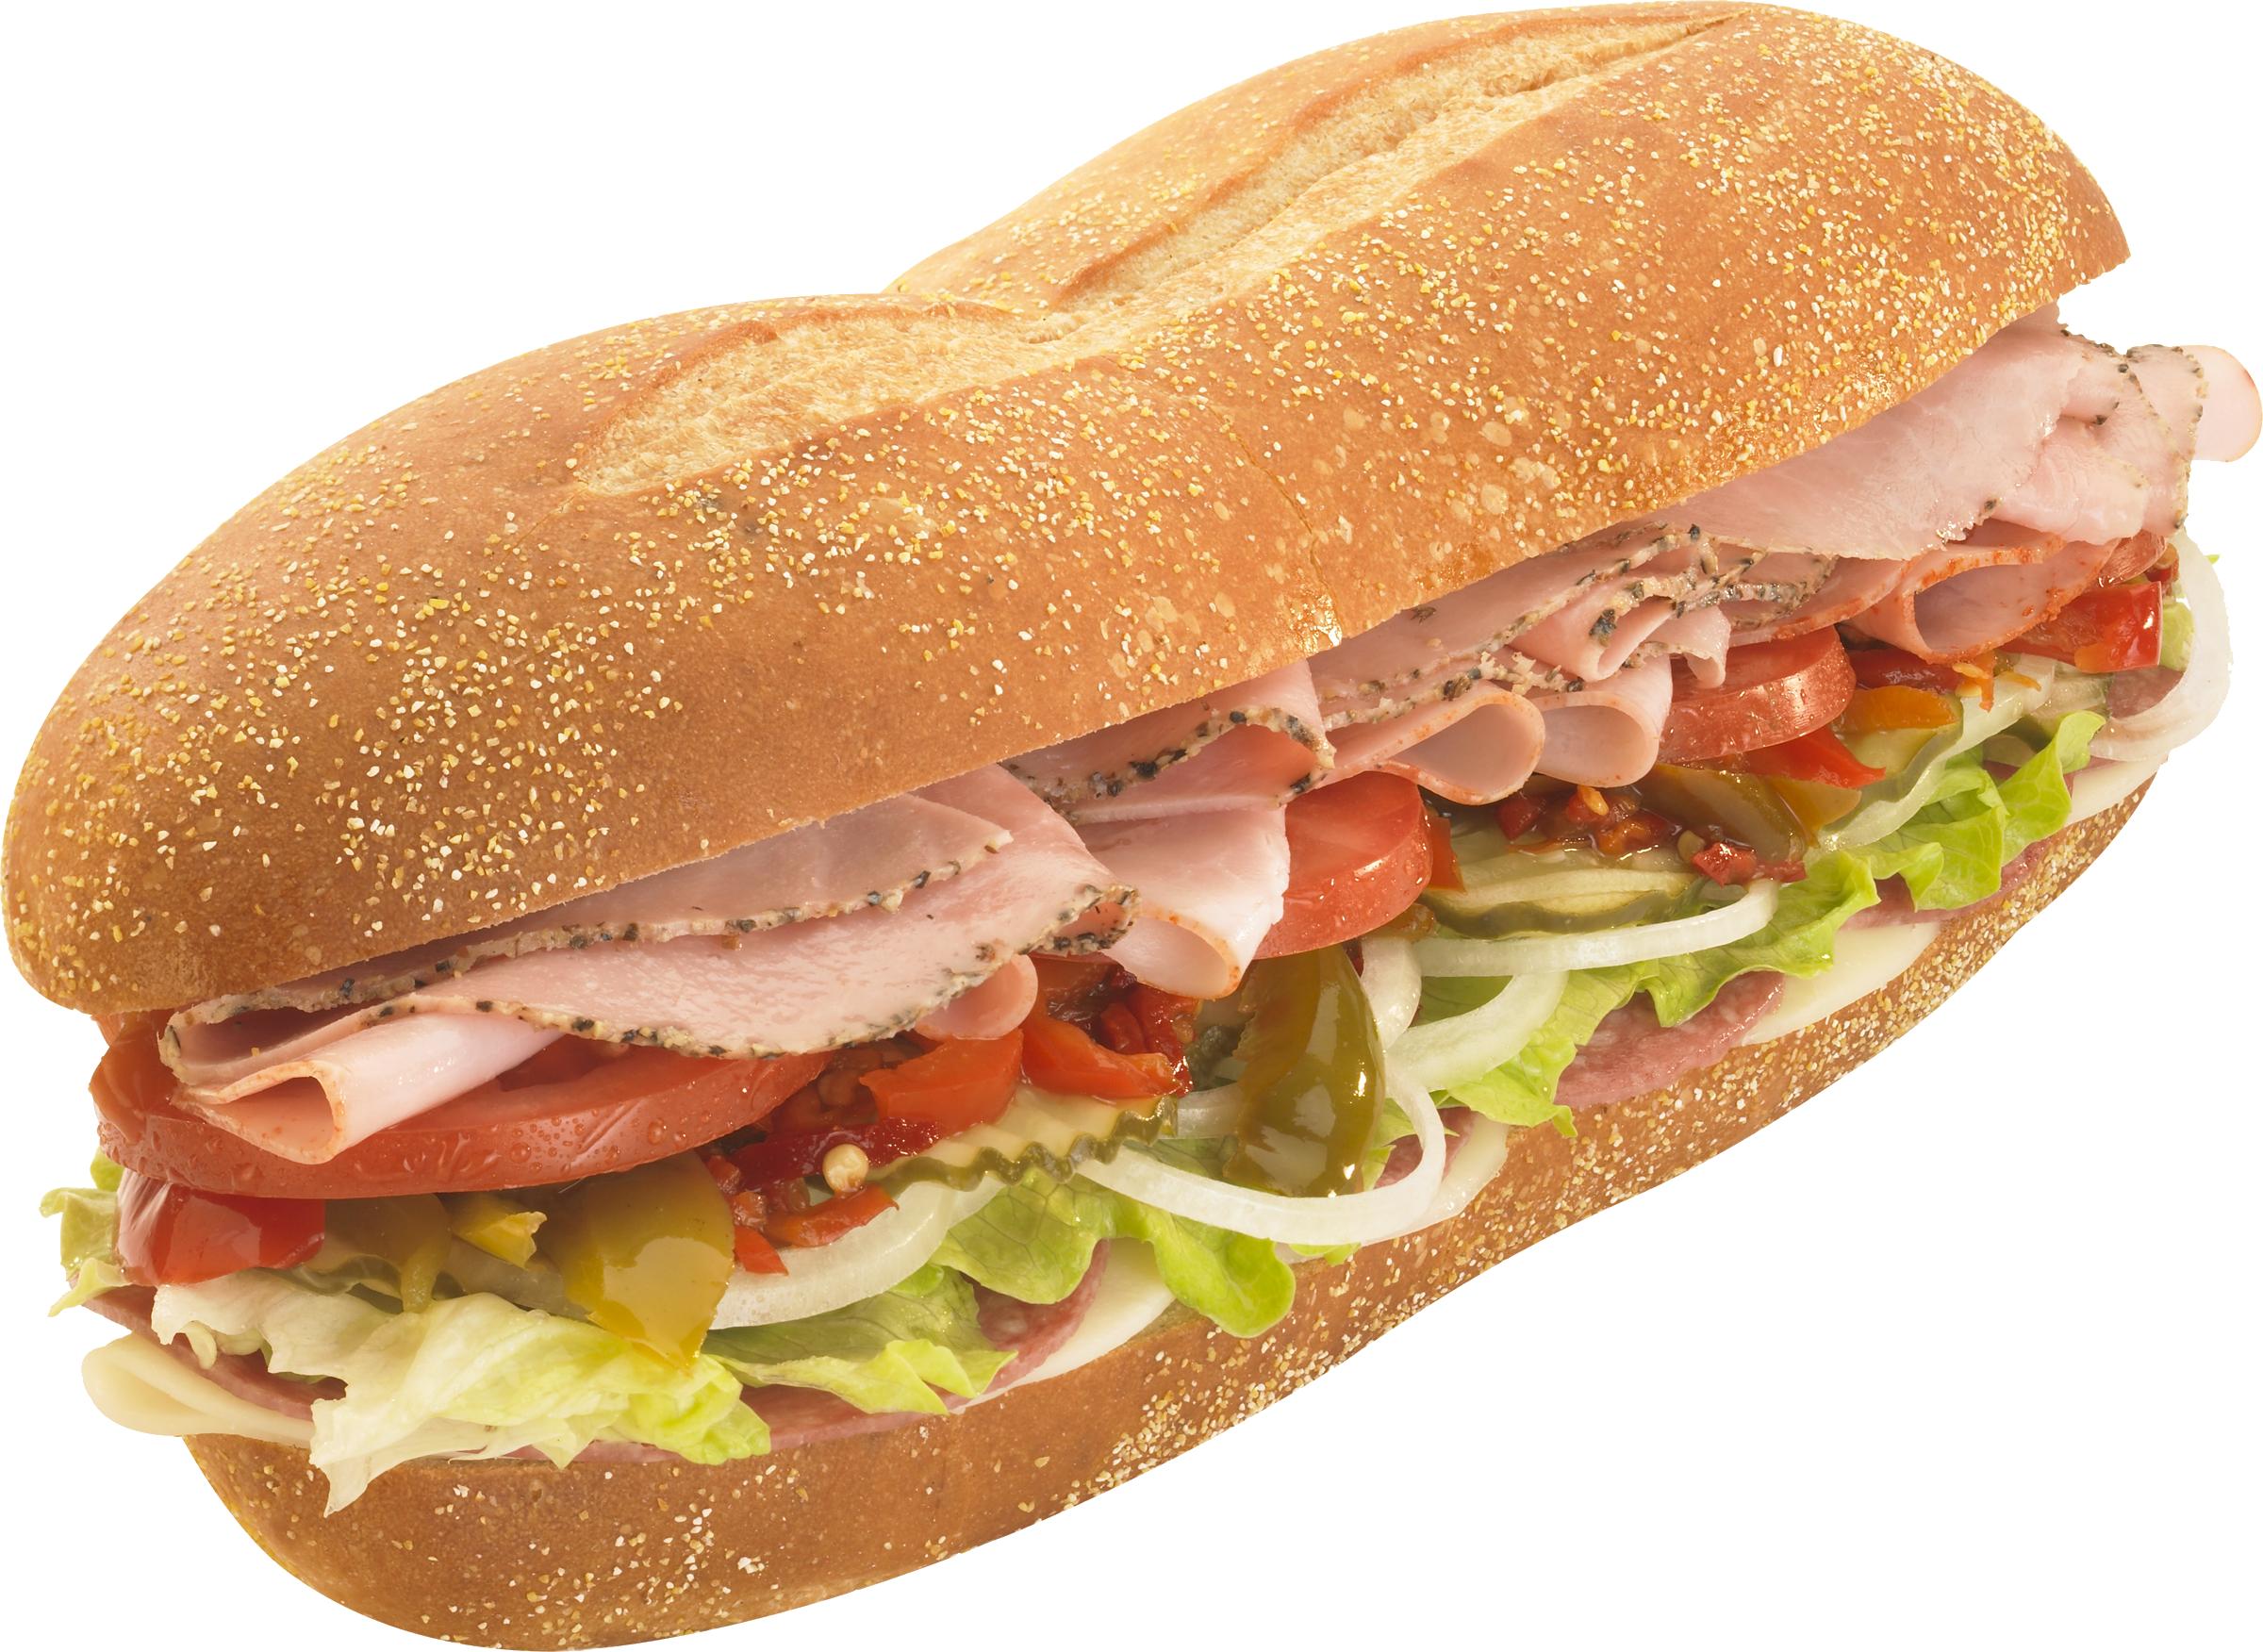 Sandwich Transparent PNG Image - Sandwich PNG HD